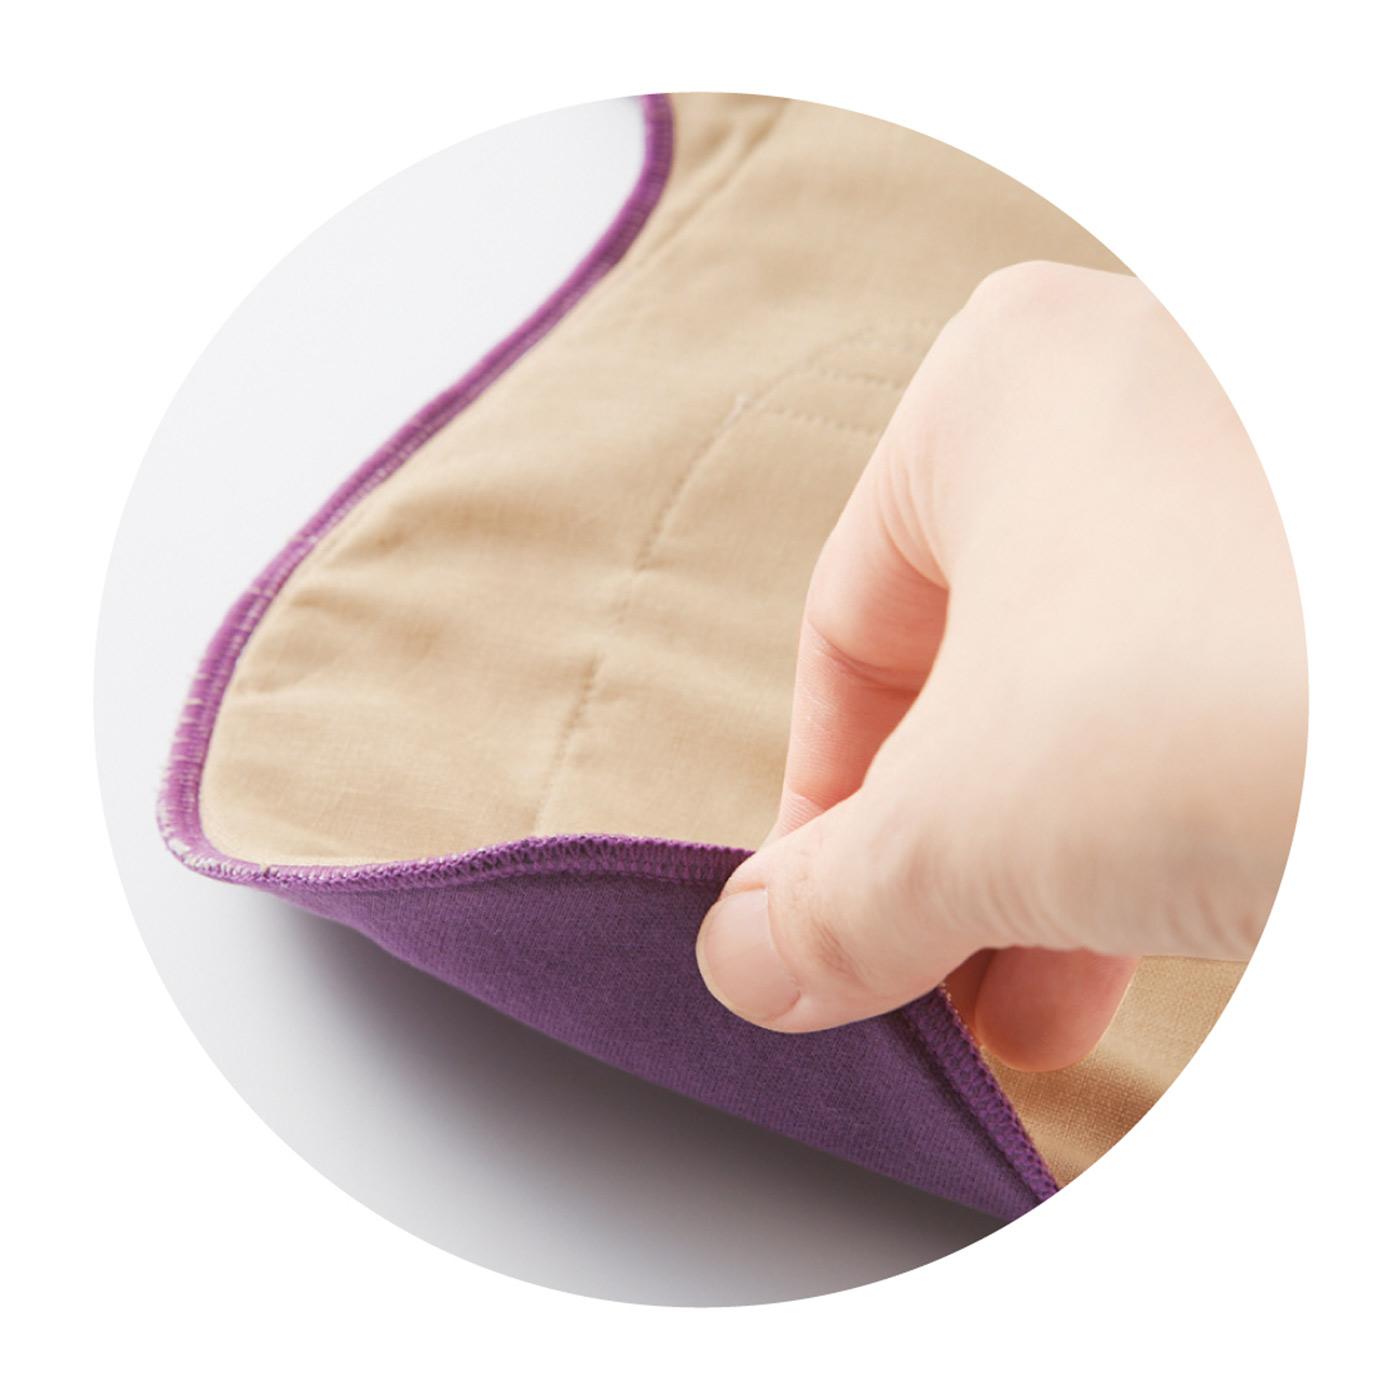 普通の布ナプの約2倍の吸収力。なのに薄さは、今までの布ナプ以下!